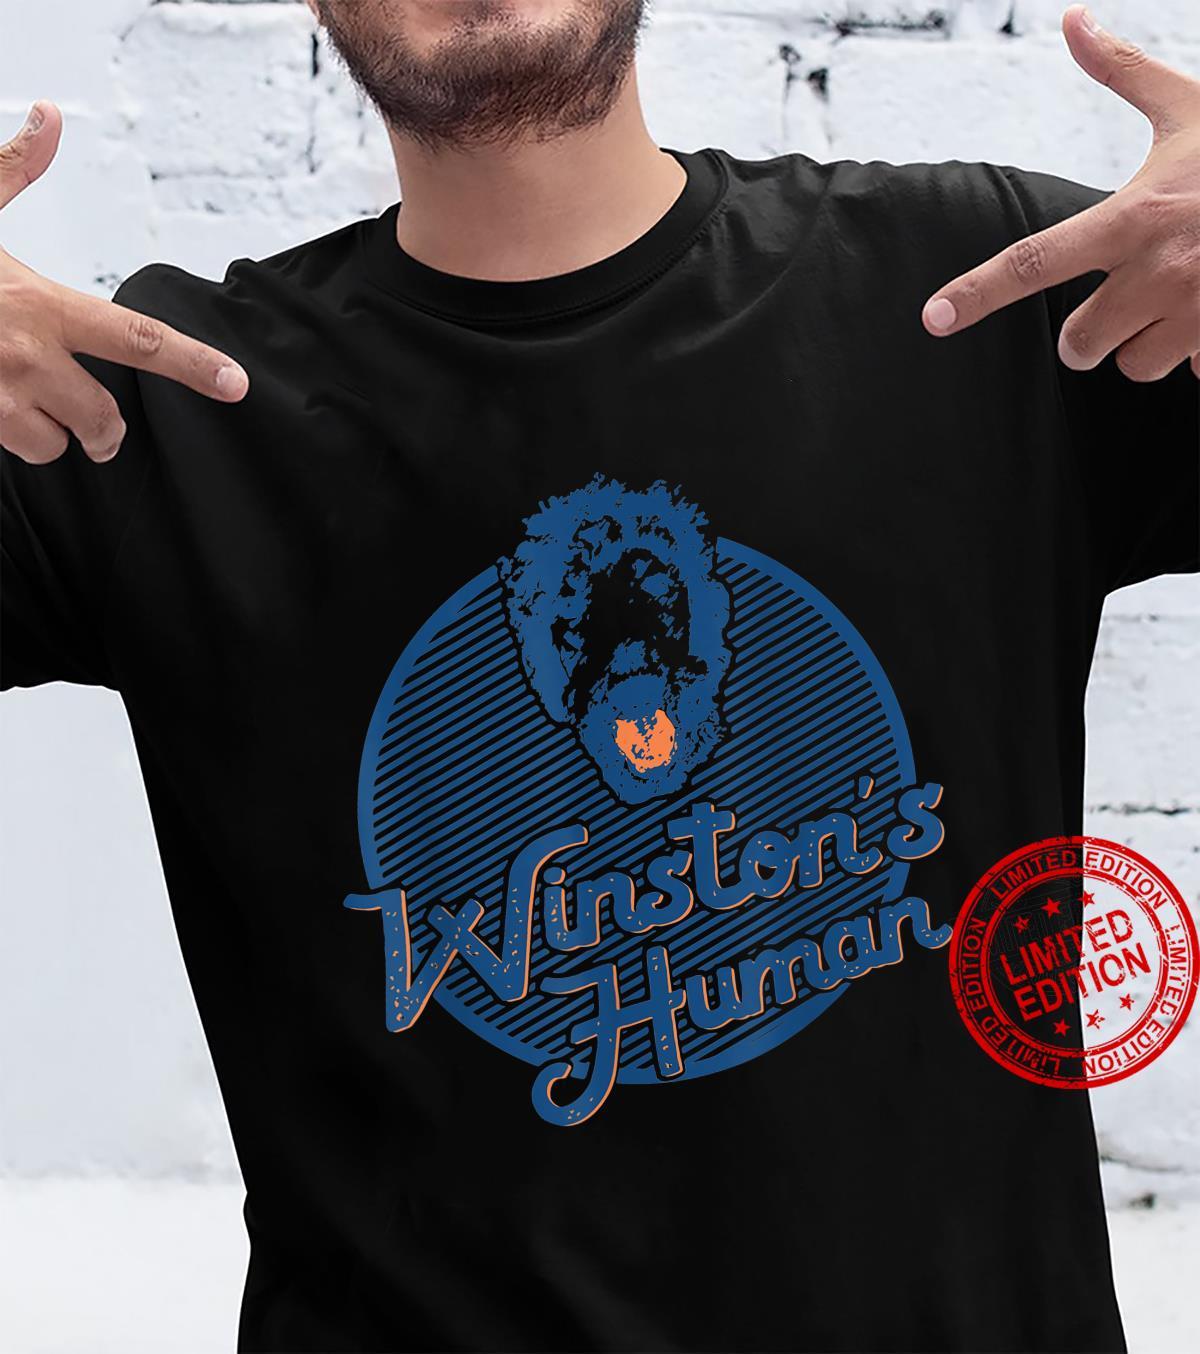 Winstonsch Shirt